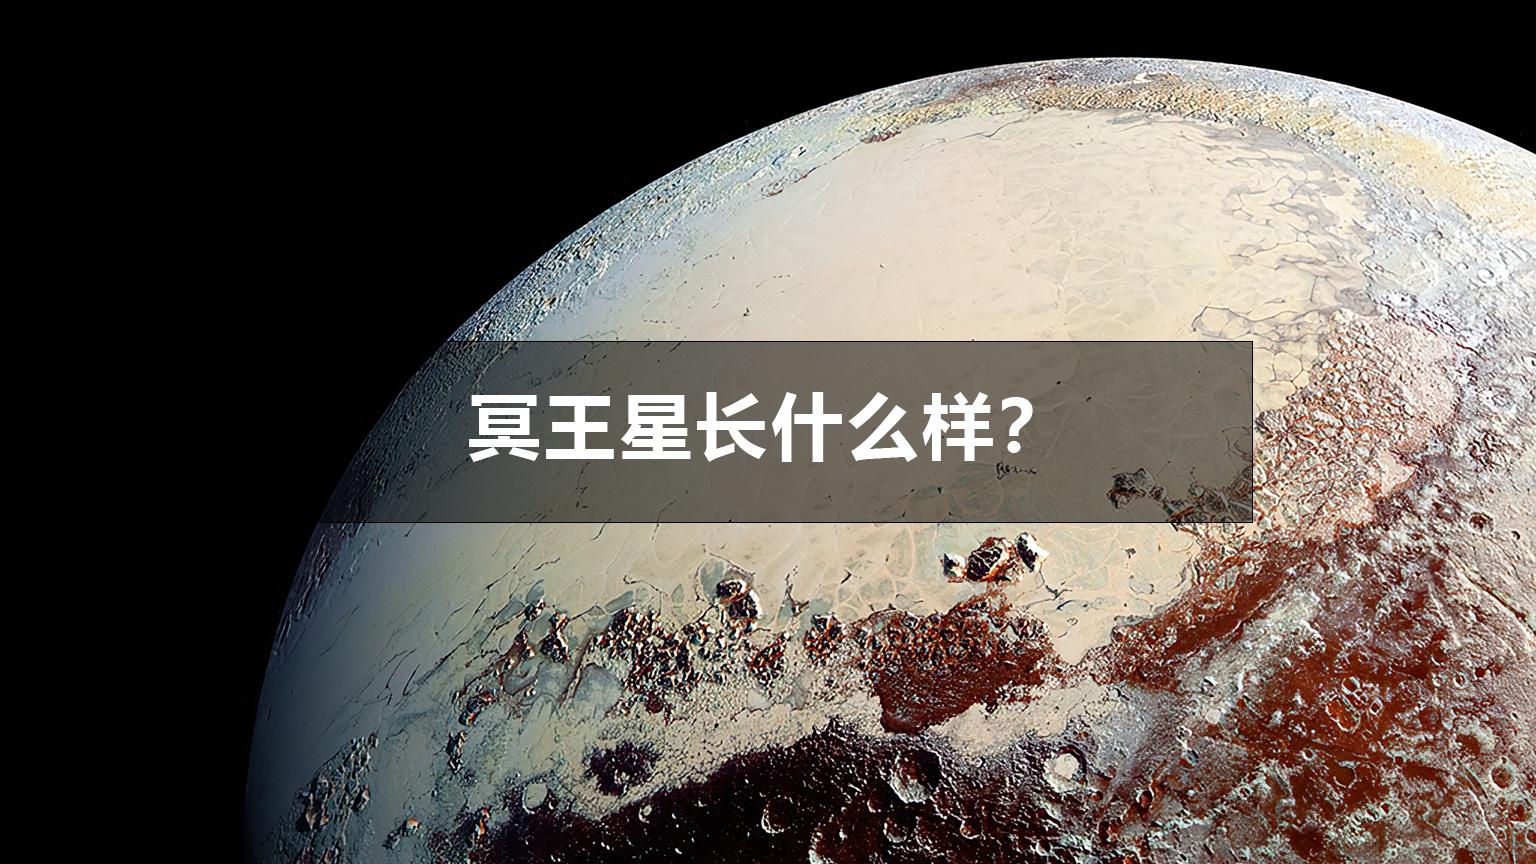 """""""王者""""冥王星长什么样?用丰富多彩形容过分吗?(4K)"""